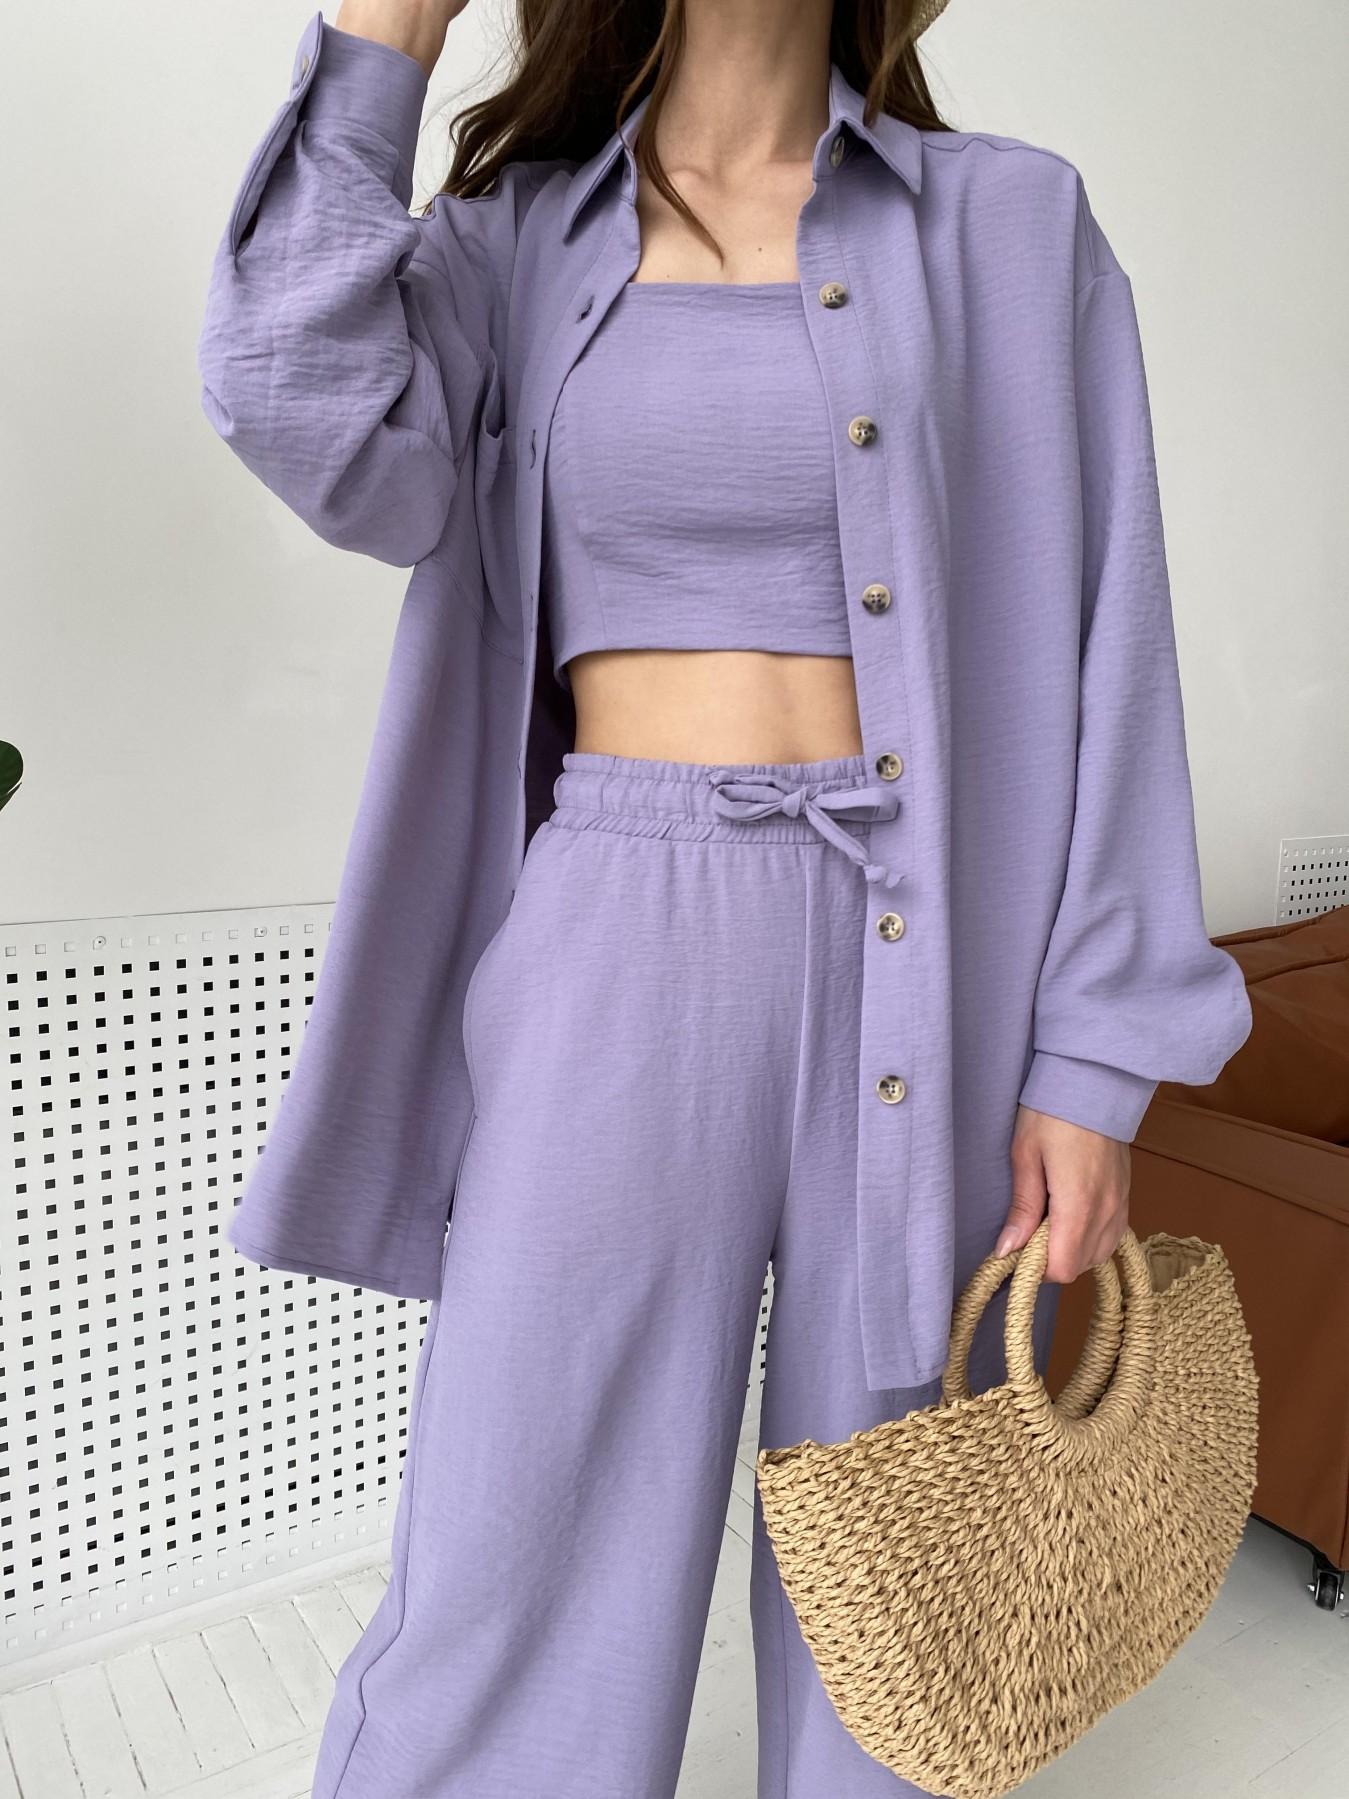 Квадро костюм американский из ткани креп (4 ед) 11303 АРТ. 47944 Цвет: Лаванда 2 - фото 2, интернет магазин tm-modus.ru